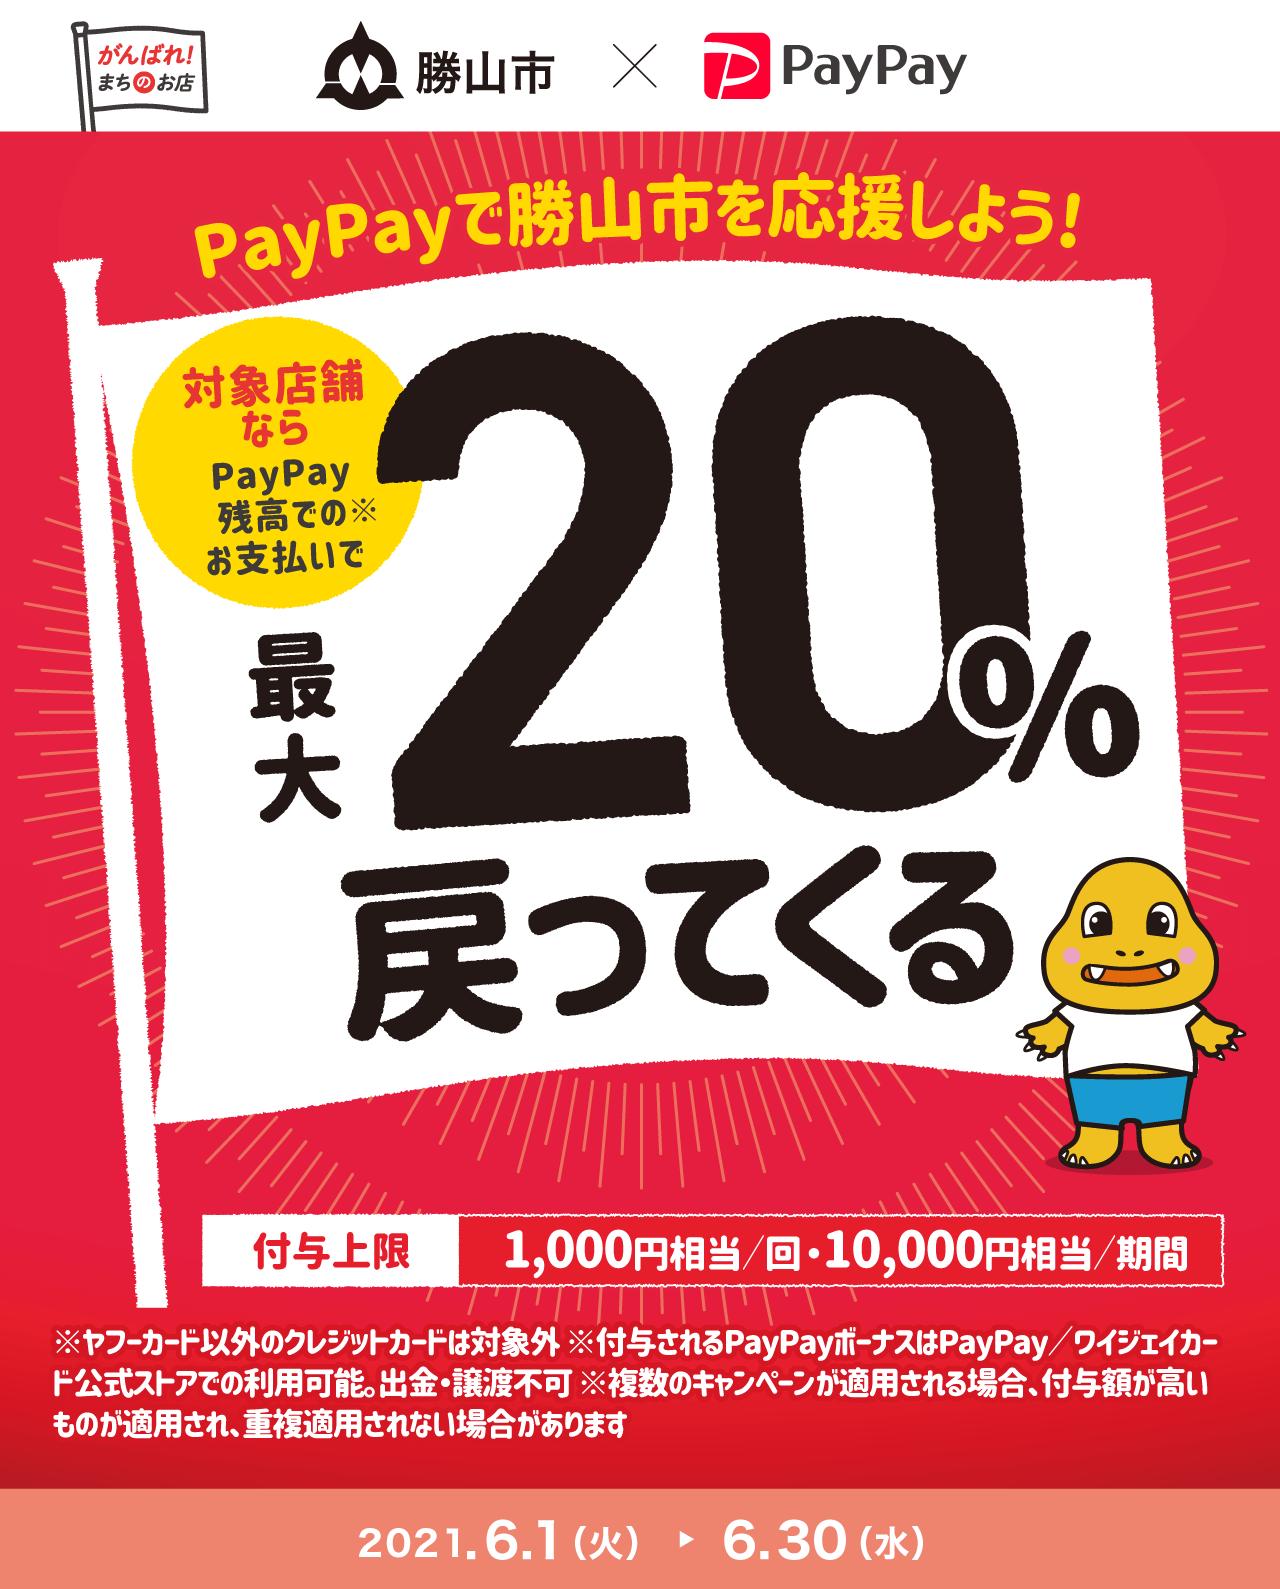 PayPayで勝山市を応援しよう! 対象店舗ならPayPay残高でのお支払いで最大20%戻ってくる